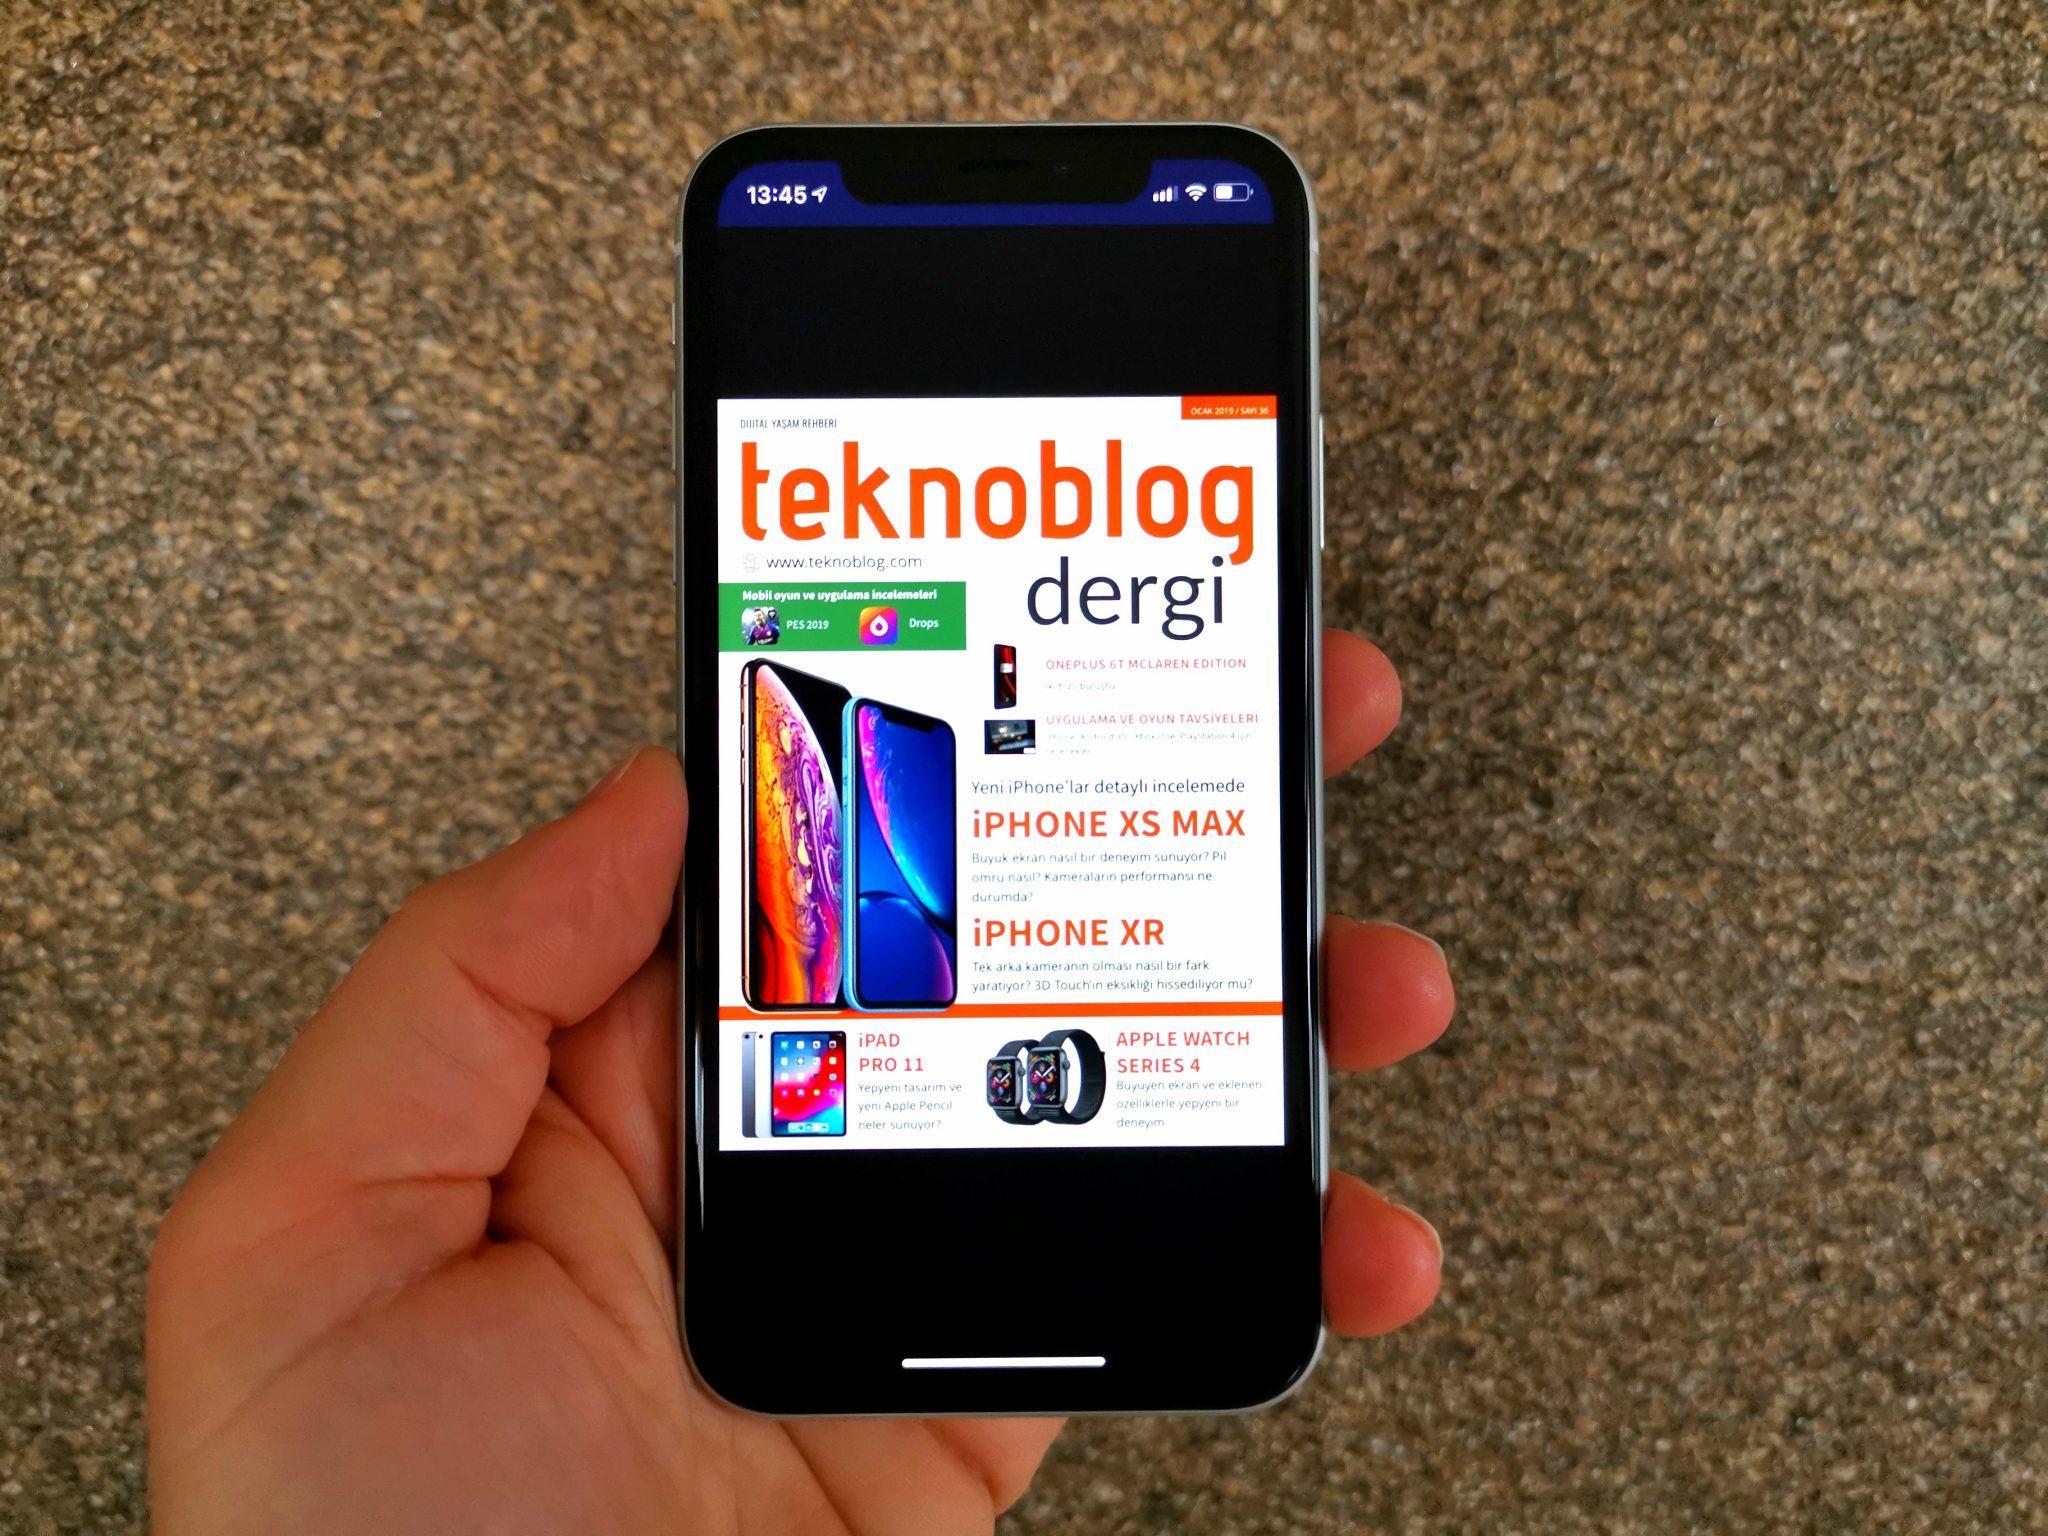 teknoblog dergi ocak 2019